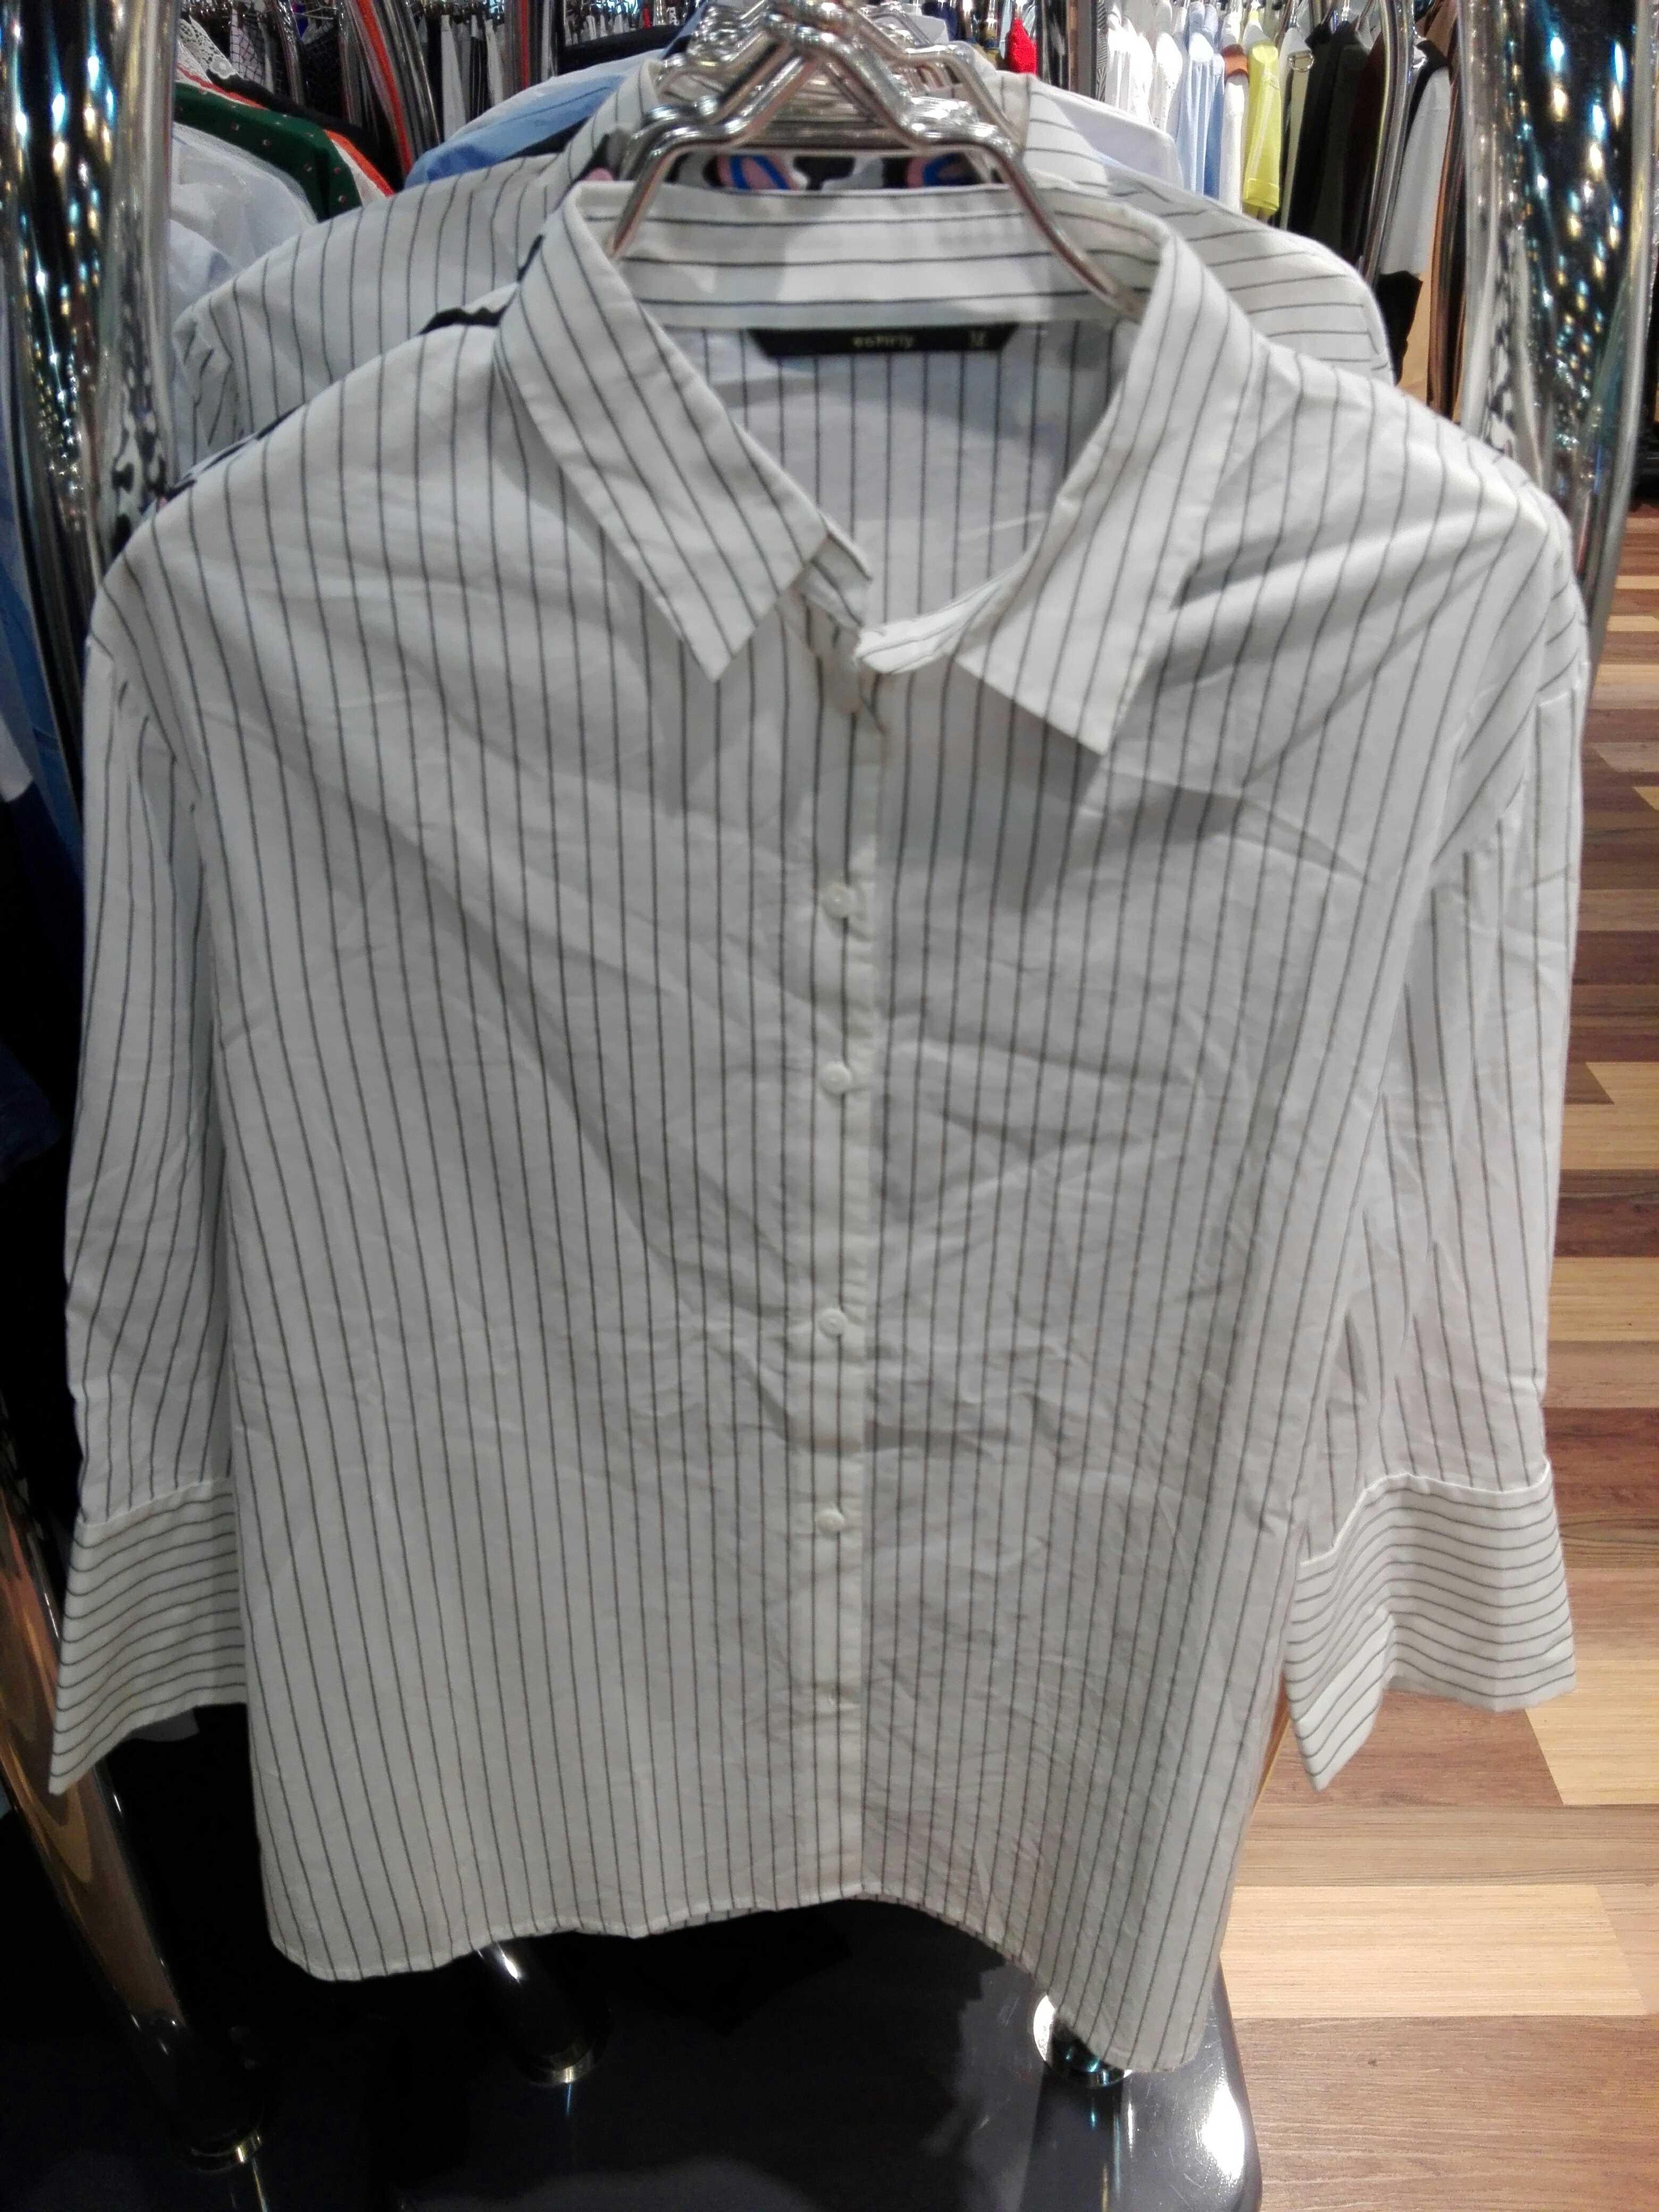 欧时力代购 欧时力正品代购条纹衬衫中袖翻领衬衣1HH2015350_推荐淘宝好看的欧时力代购